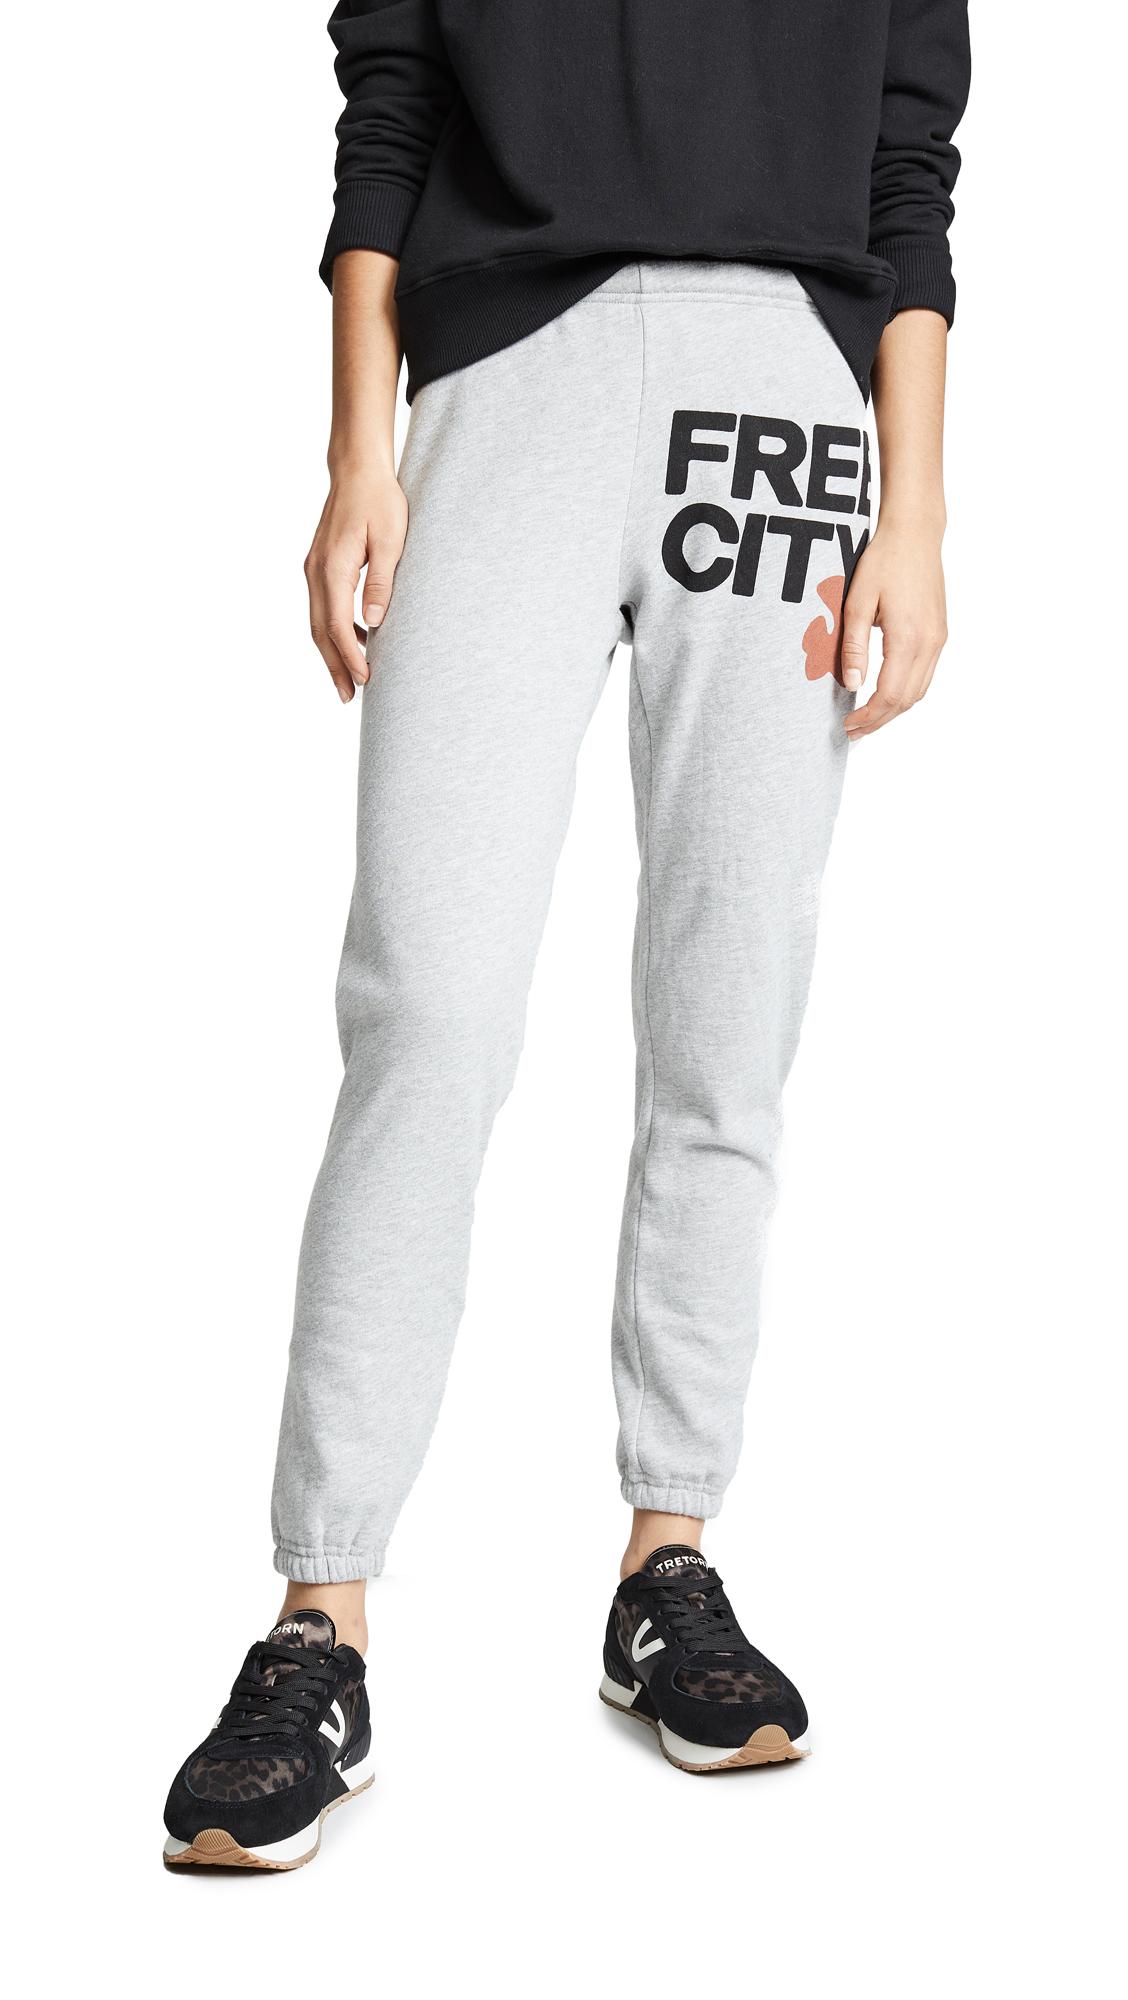 FREE CITY Sweatpants in Heather/Orange